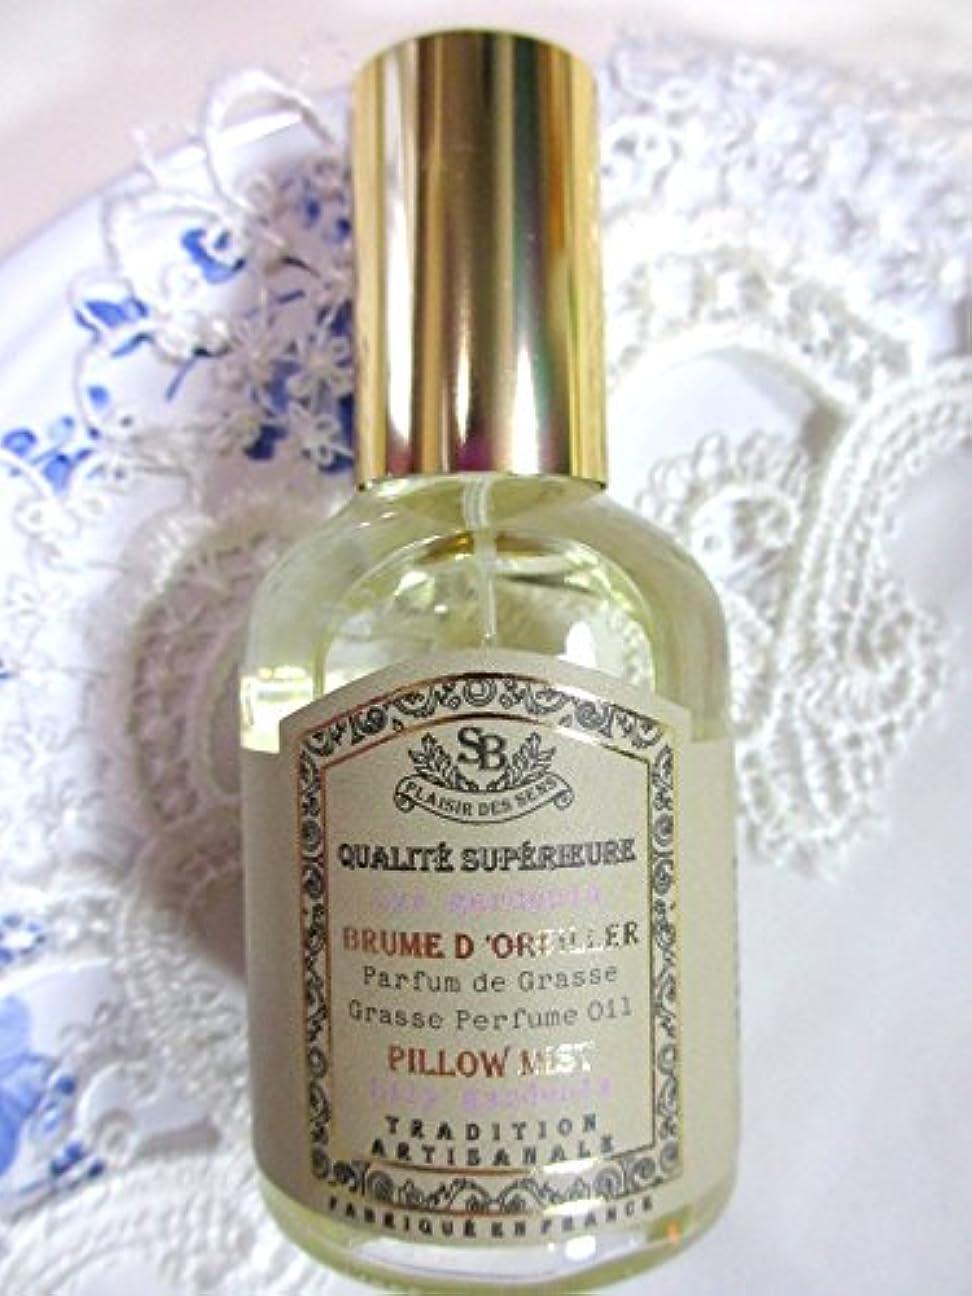 責めごみ貫通するSenteur et Beaute(サンタールエボーテ) French classic(フレンチクラシックシリーズ) ピローミスト 50ml 「リリーガーデニア」 4994228024367